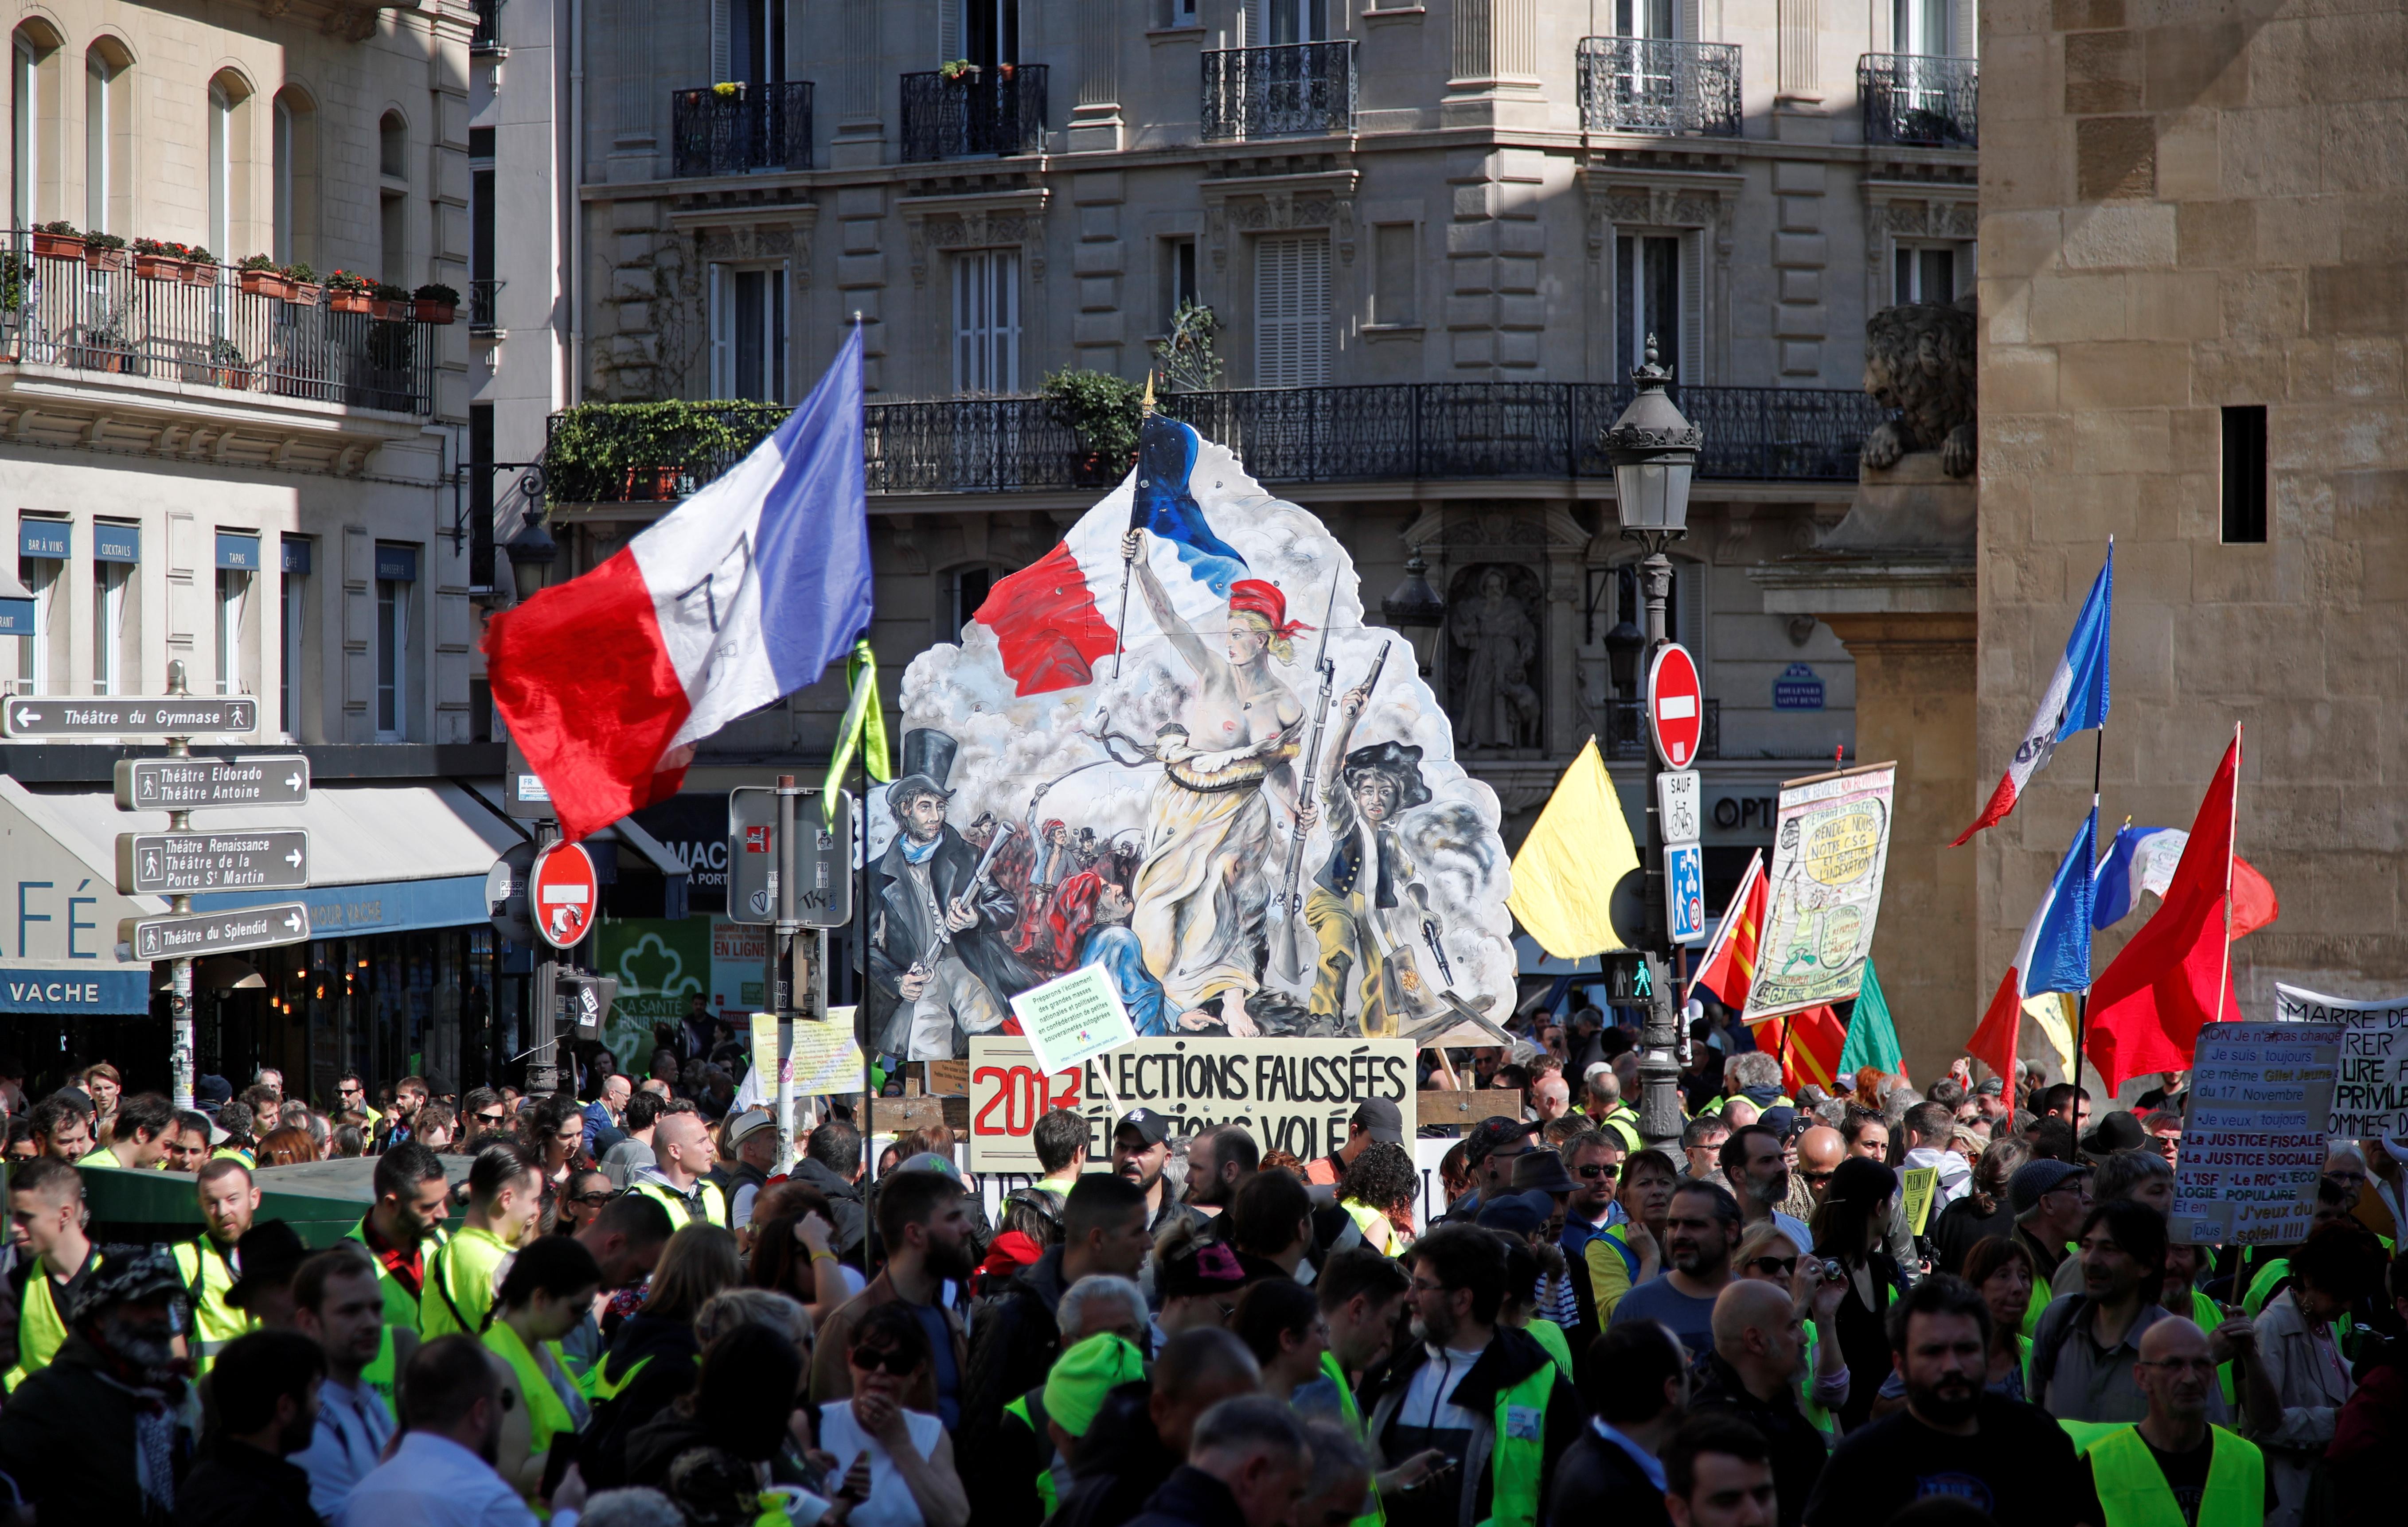 السترات الصفراء تدعو للتظاهر في مدينتي ليون ونانت بدلا من باريس